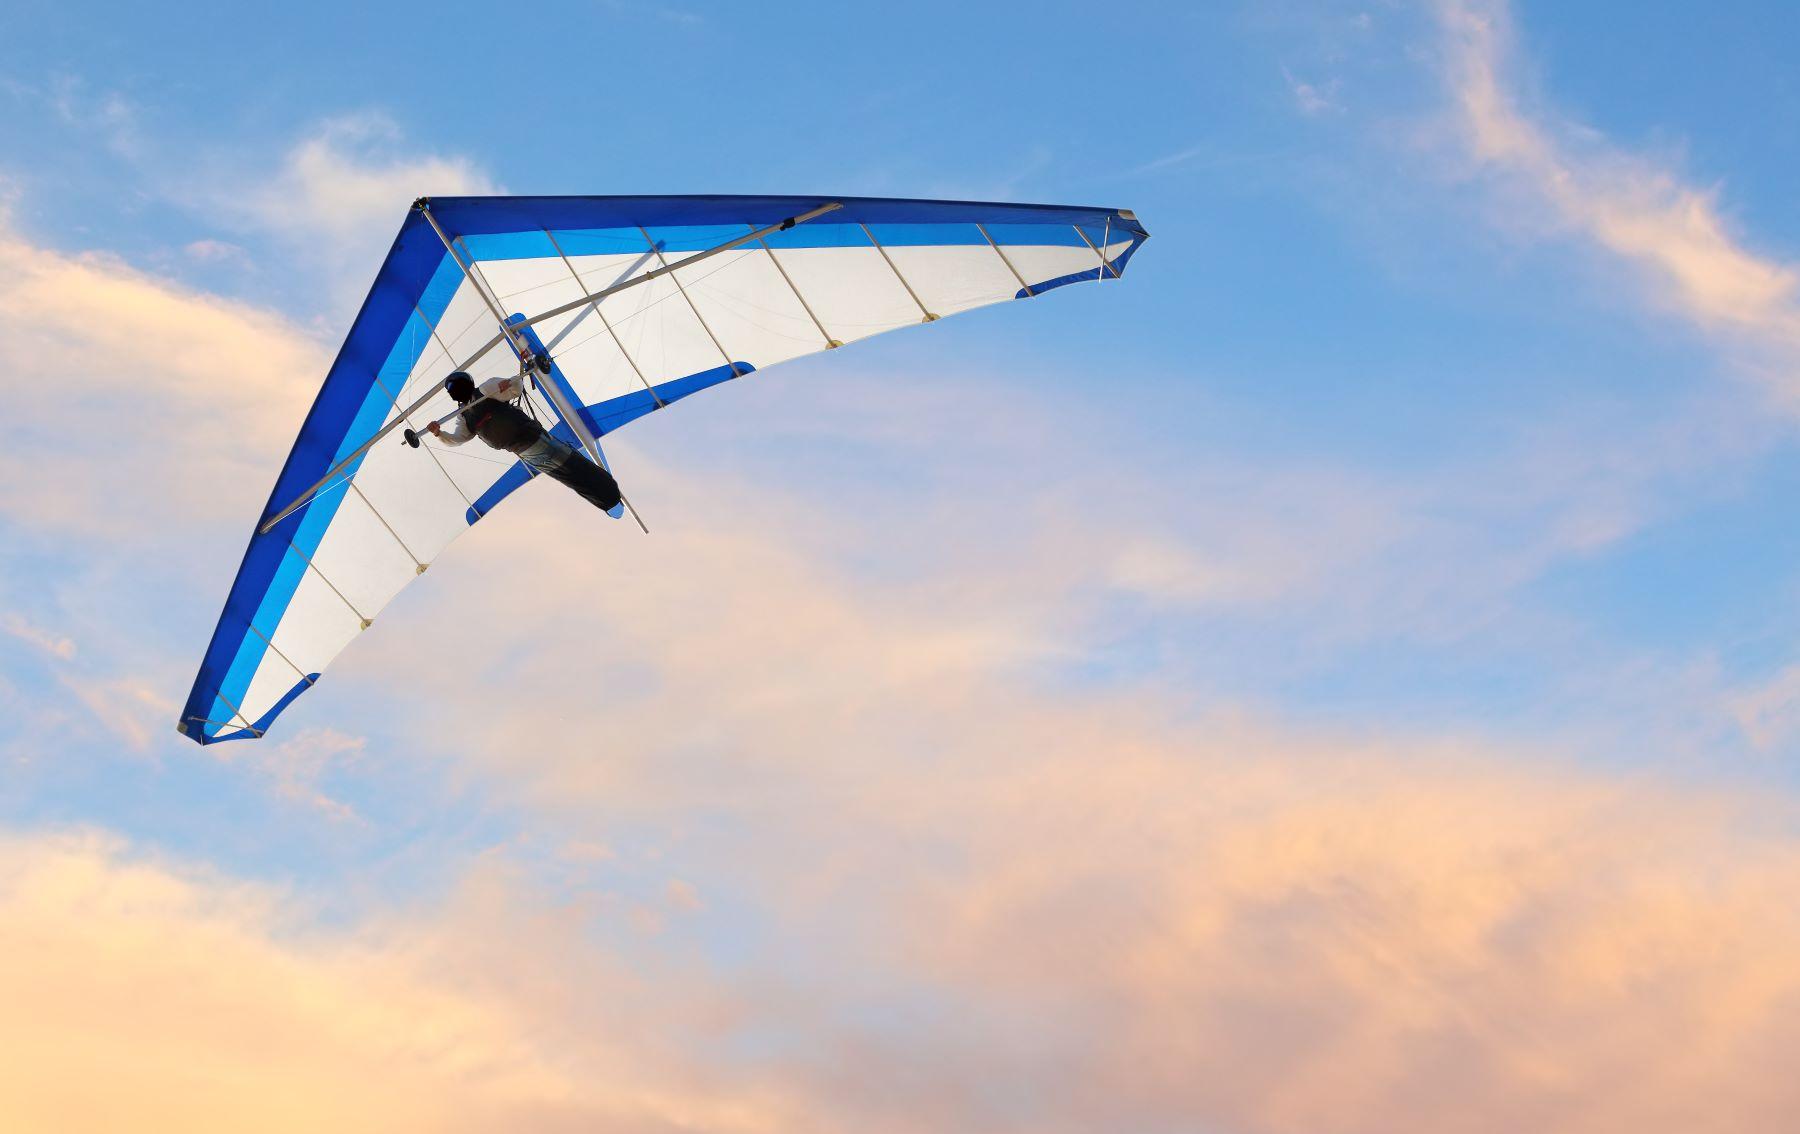 Drachenfliegen: Alles, was du über diesen Extremsport wissen musst.